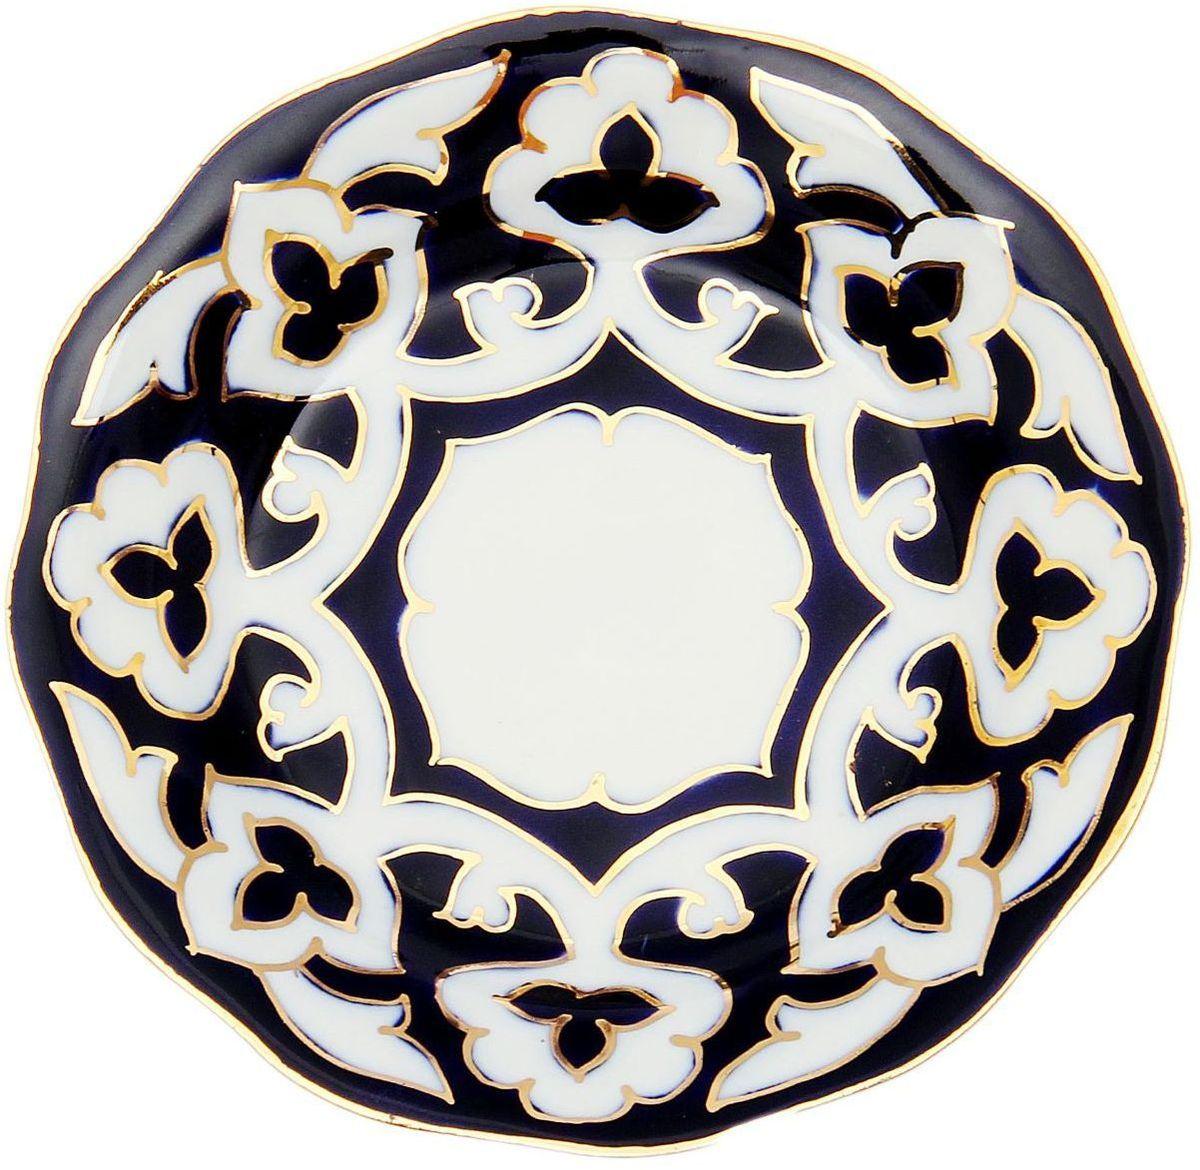 Тарелка Turon Porcelain Пахта, цвет: белый, синий, золотистый, диаметр 12,5 см1625353Узбекская посуда известна всему миру уже более тысячи лет. Ей любовались царские особы, на ней подавали еду для шейхов и знатных персон. Формулы красок и глазури передаются из поколения в поколение. По сей день качественные расписные изделия продолжают восхищать совершенством и завораживающей красотой.Тарелка Turon Porcelain Пахта подойдет для повседневной и праздничной сервировки. Дополните стол текстилем и салфетками в тон, чтобы получить элегантное убранство с яркими акцентами.Национальная узбекская роспись Пахта сдержанна и благородна. Витиеватые узоры выводятся тонкой кистью, а фон заливается кобальтом. Синий краситель при обжиге слегка растекается и придает контуру изображений голубой оттенок. Густая глазурь наносится толстым слоем, благодаря чему рисунок мерцает.